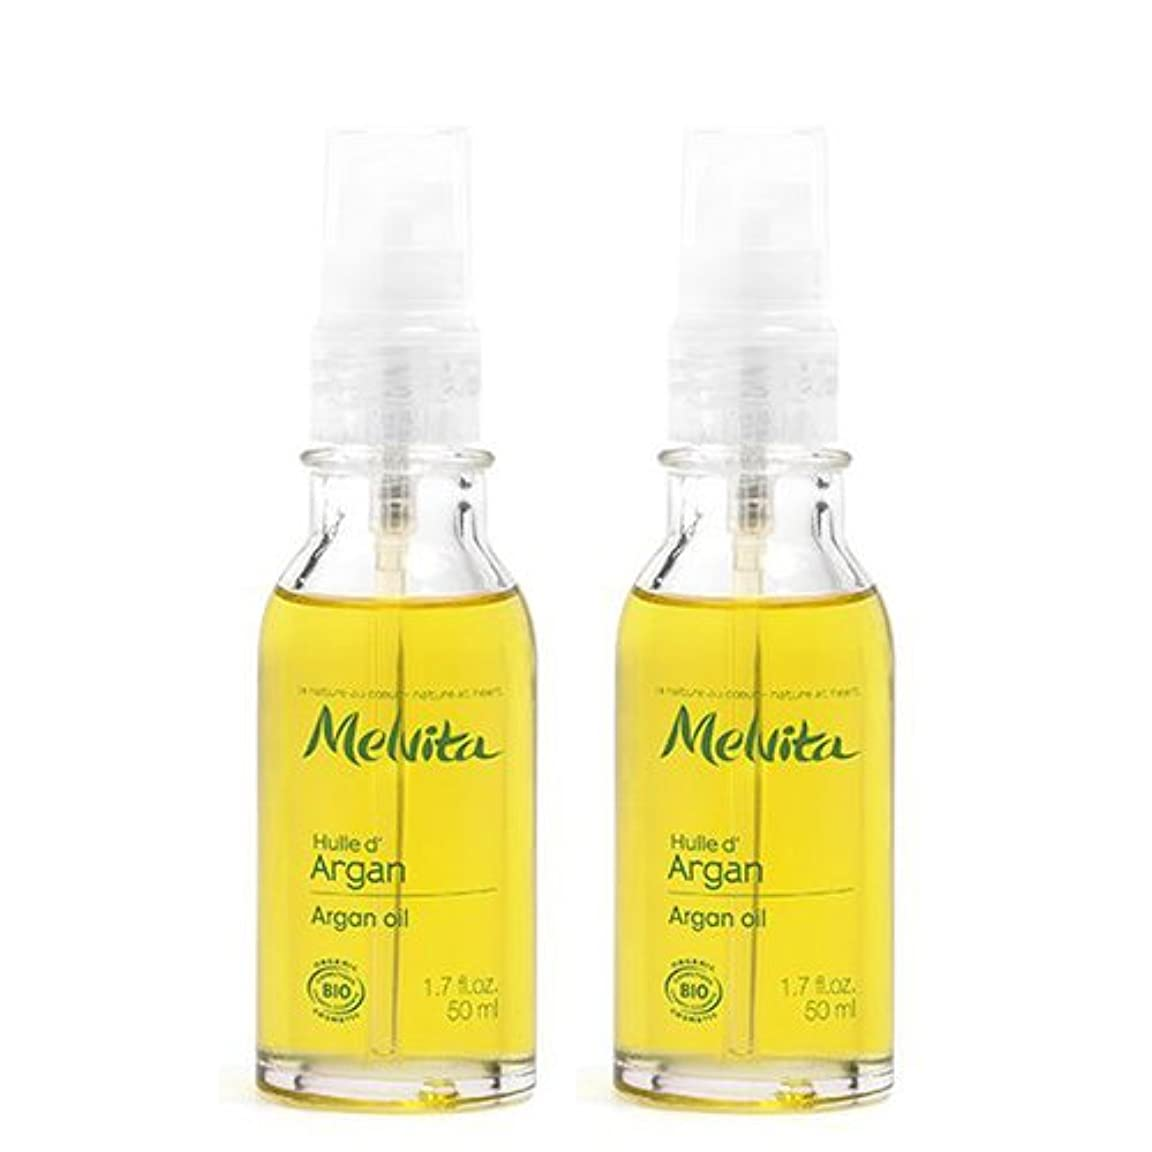 斧スノーケル予知メルヴィータ(Melvita) 2個セット ビオオイル アルガン オイル 50ml [並行輸入品]